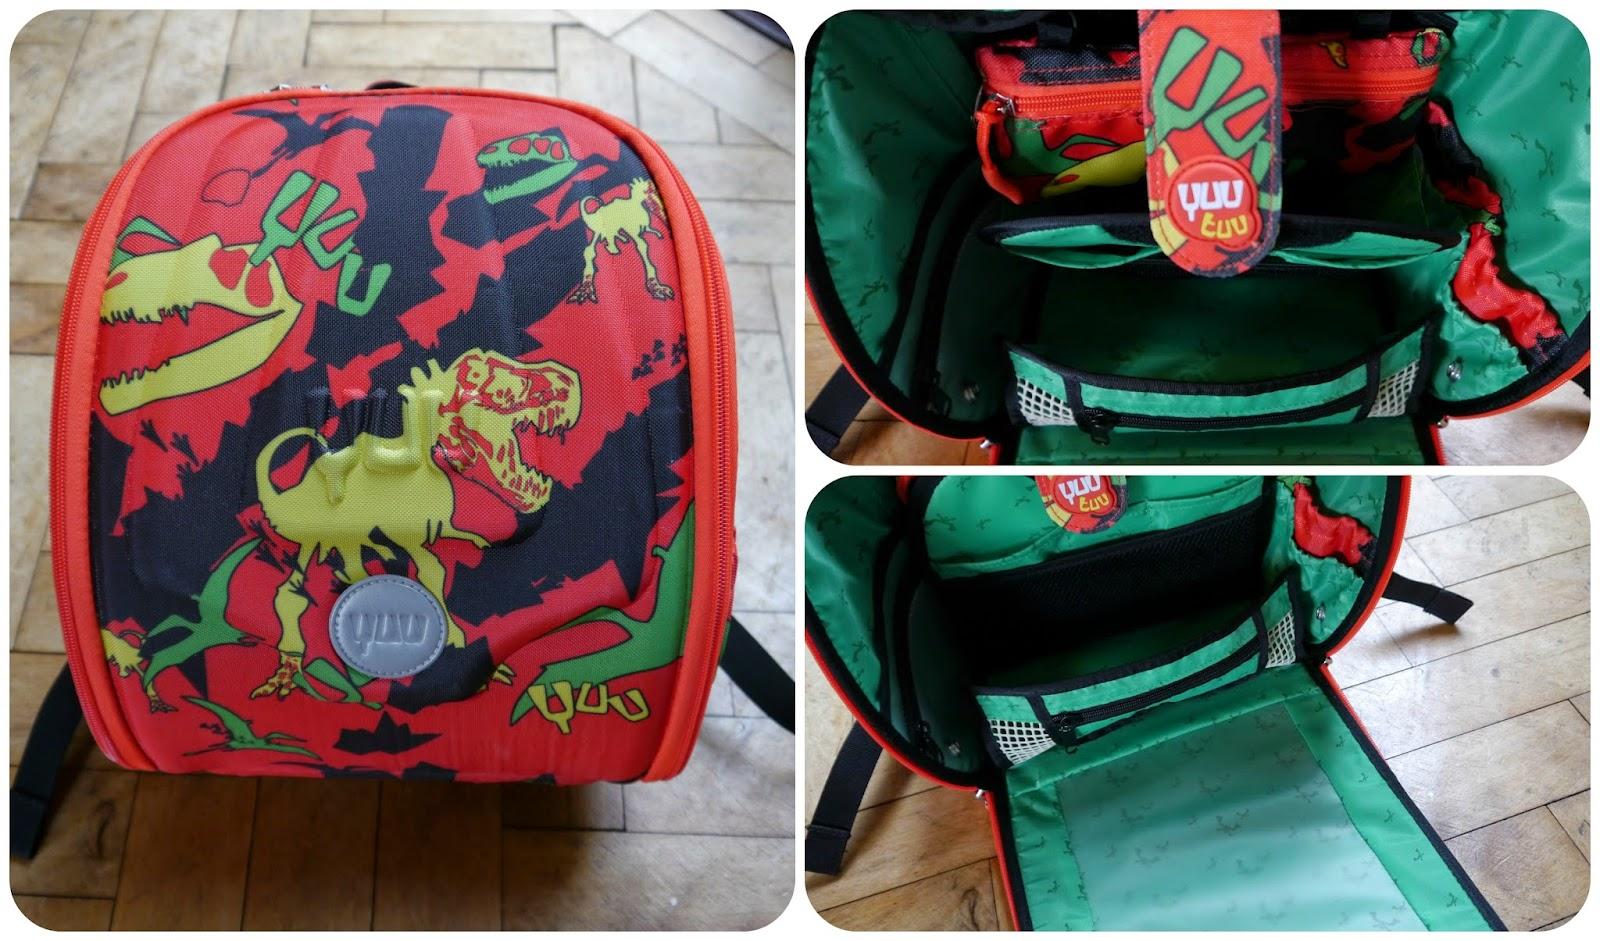 YUU GRUUR Bag Review